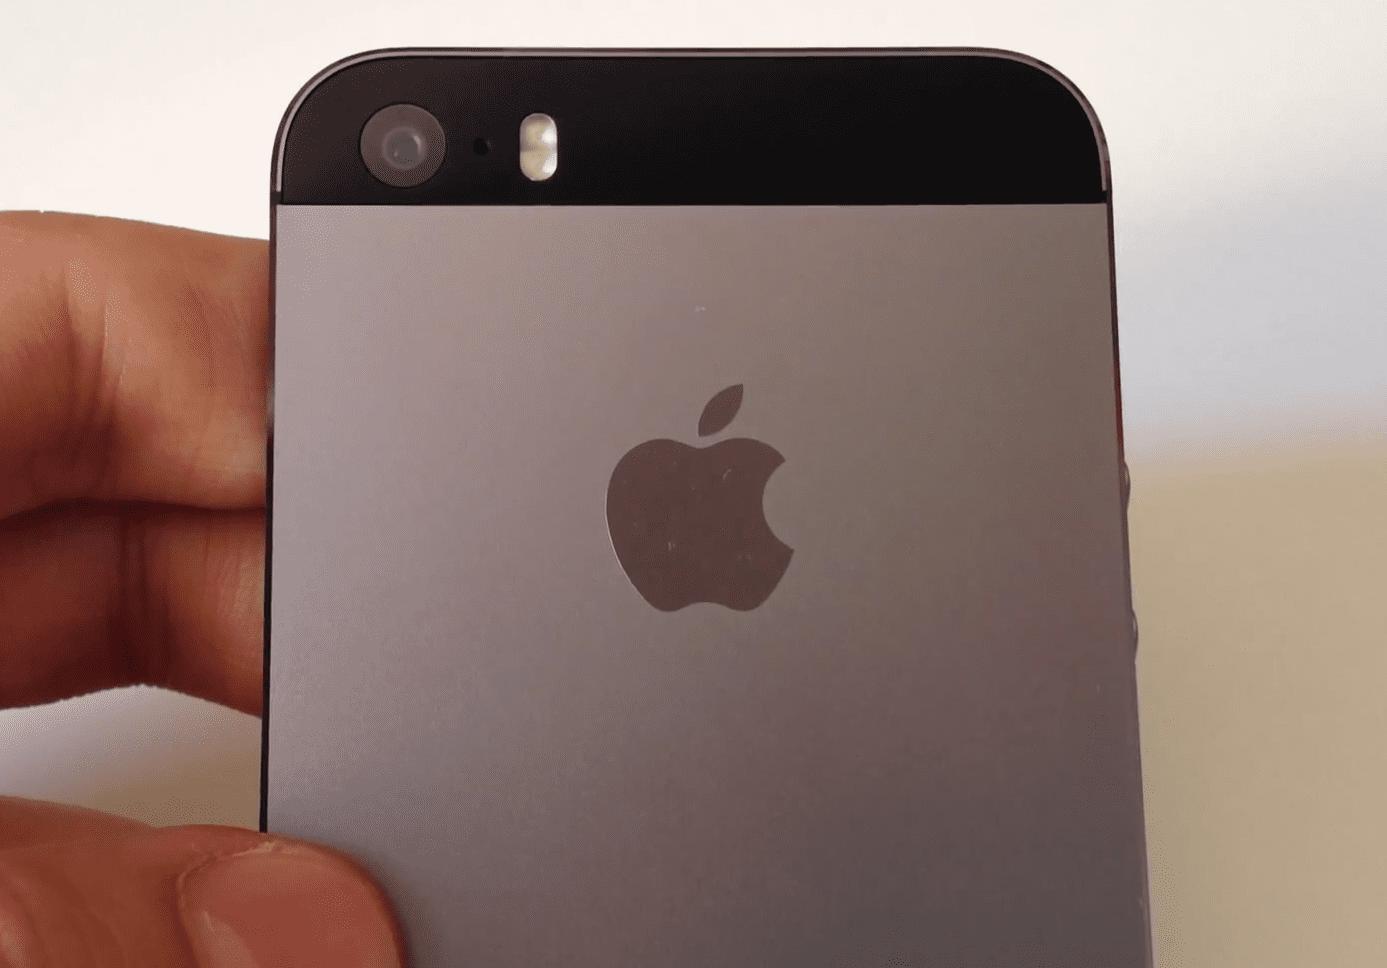 Le foto con iPhone 5S: iSpazio vi mostra come si comporta la fotocamera con foto e video